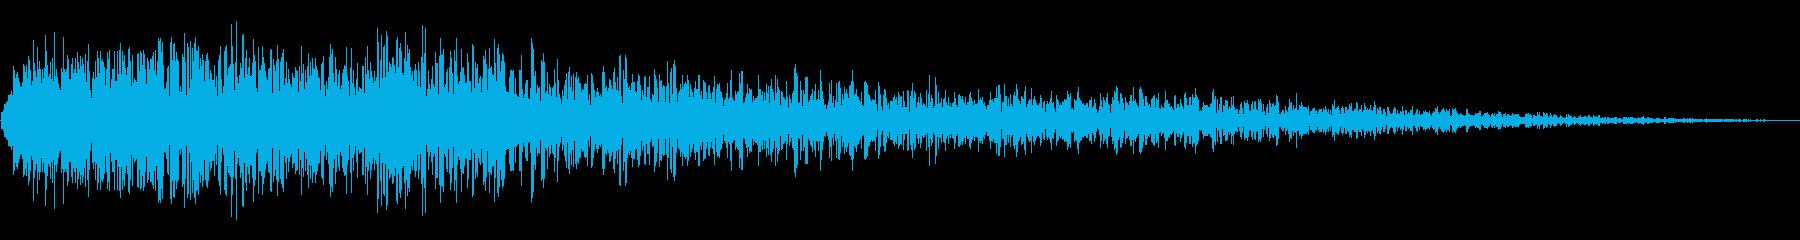 大爆発、デブリなし爆発と爆弾の再生済みの波形